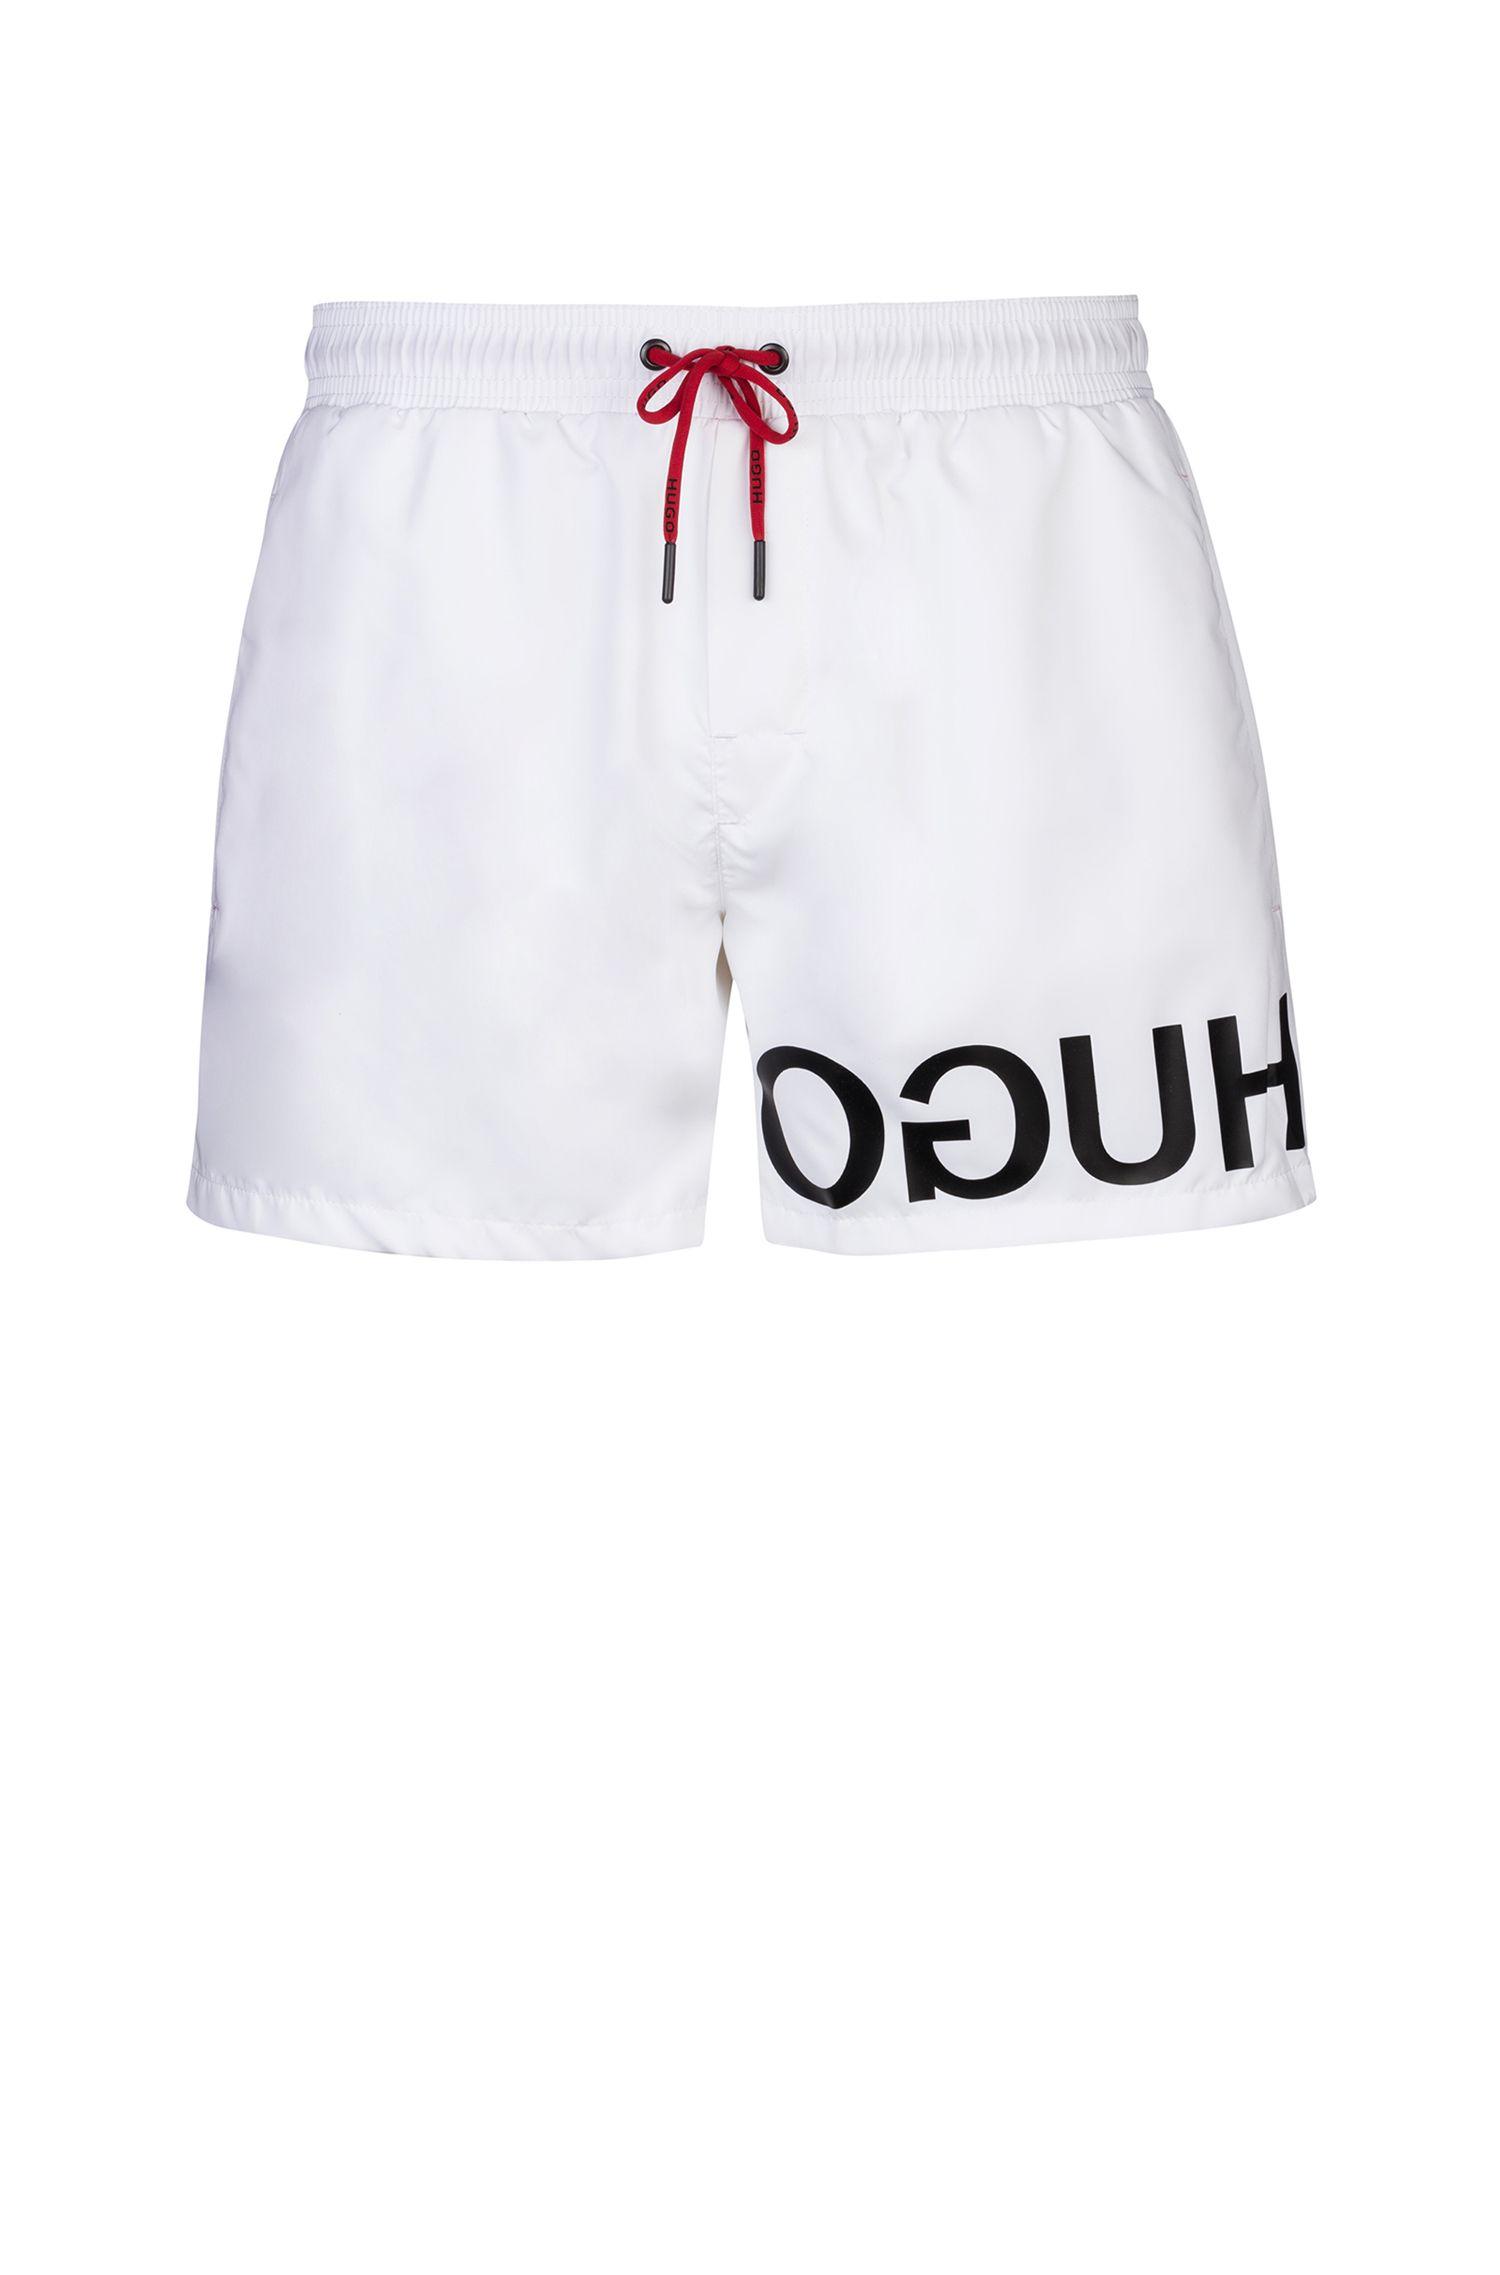 Boxer da bagno ad asciugatura rapida con logo a rovescio stampato, Bianco